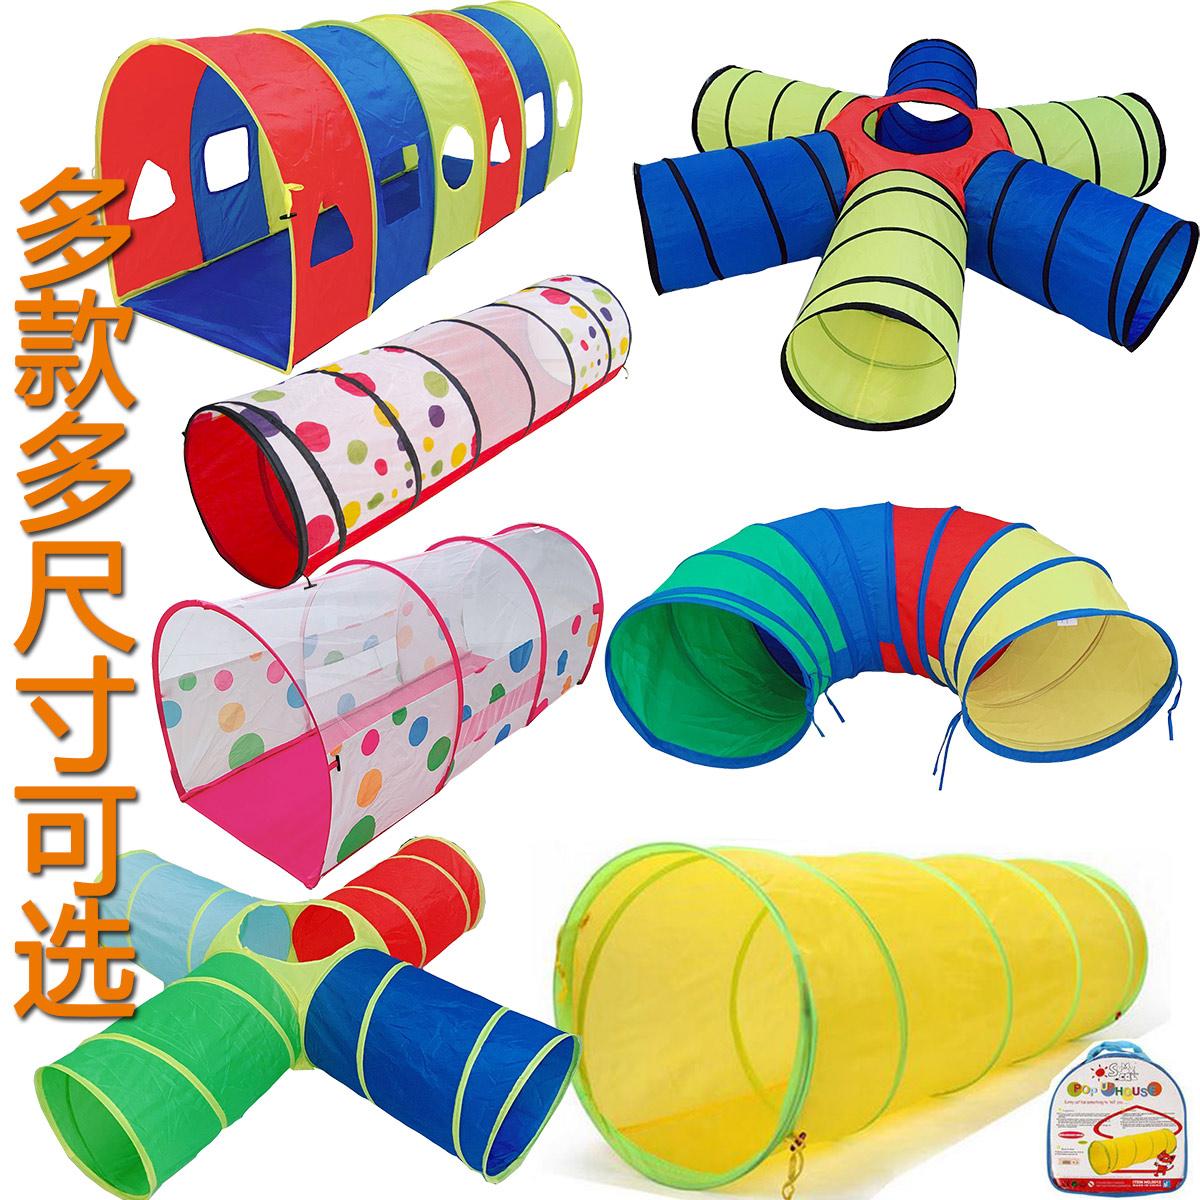 兒童帳篷室內拱形隧道隧道帳篷爬筒感統訓練益智玩具寶寶鑽筒